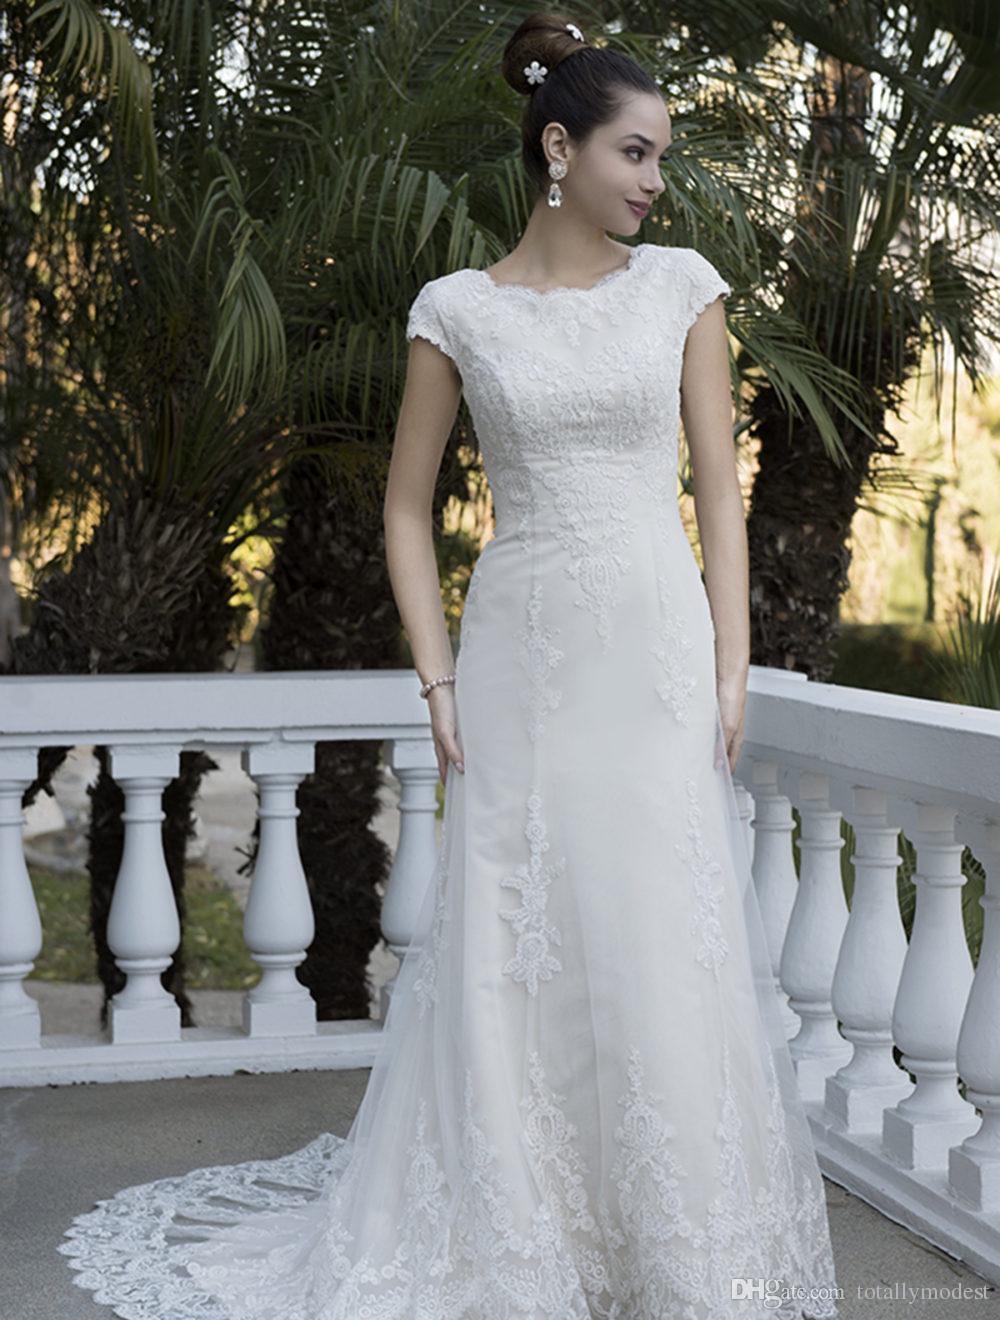 Mermaid pizzo vintage modesto abiti da sposa con maniche a cappuccio gioiello collo maniche corte pulsanti indietro nuovi abiti da sposa modesto personalizzato